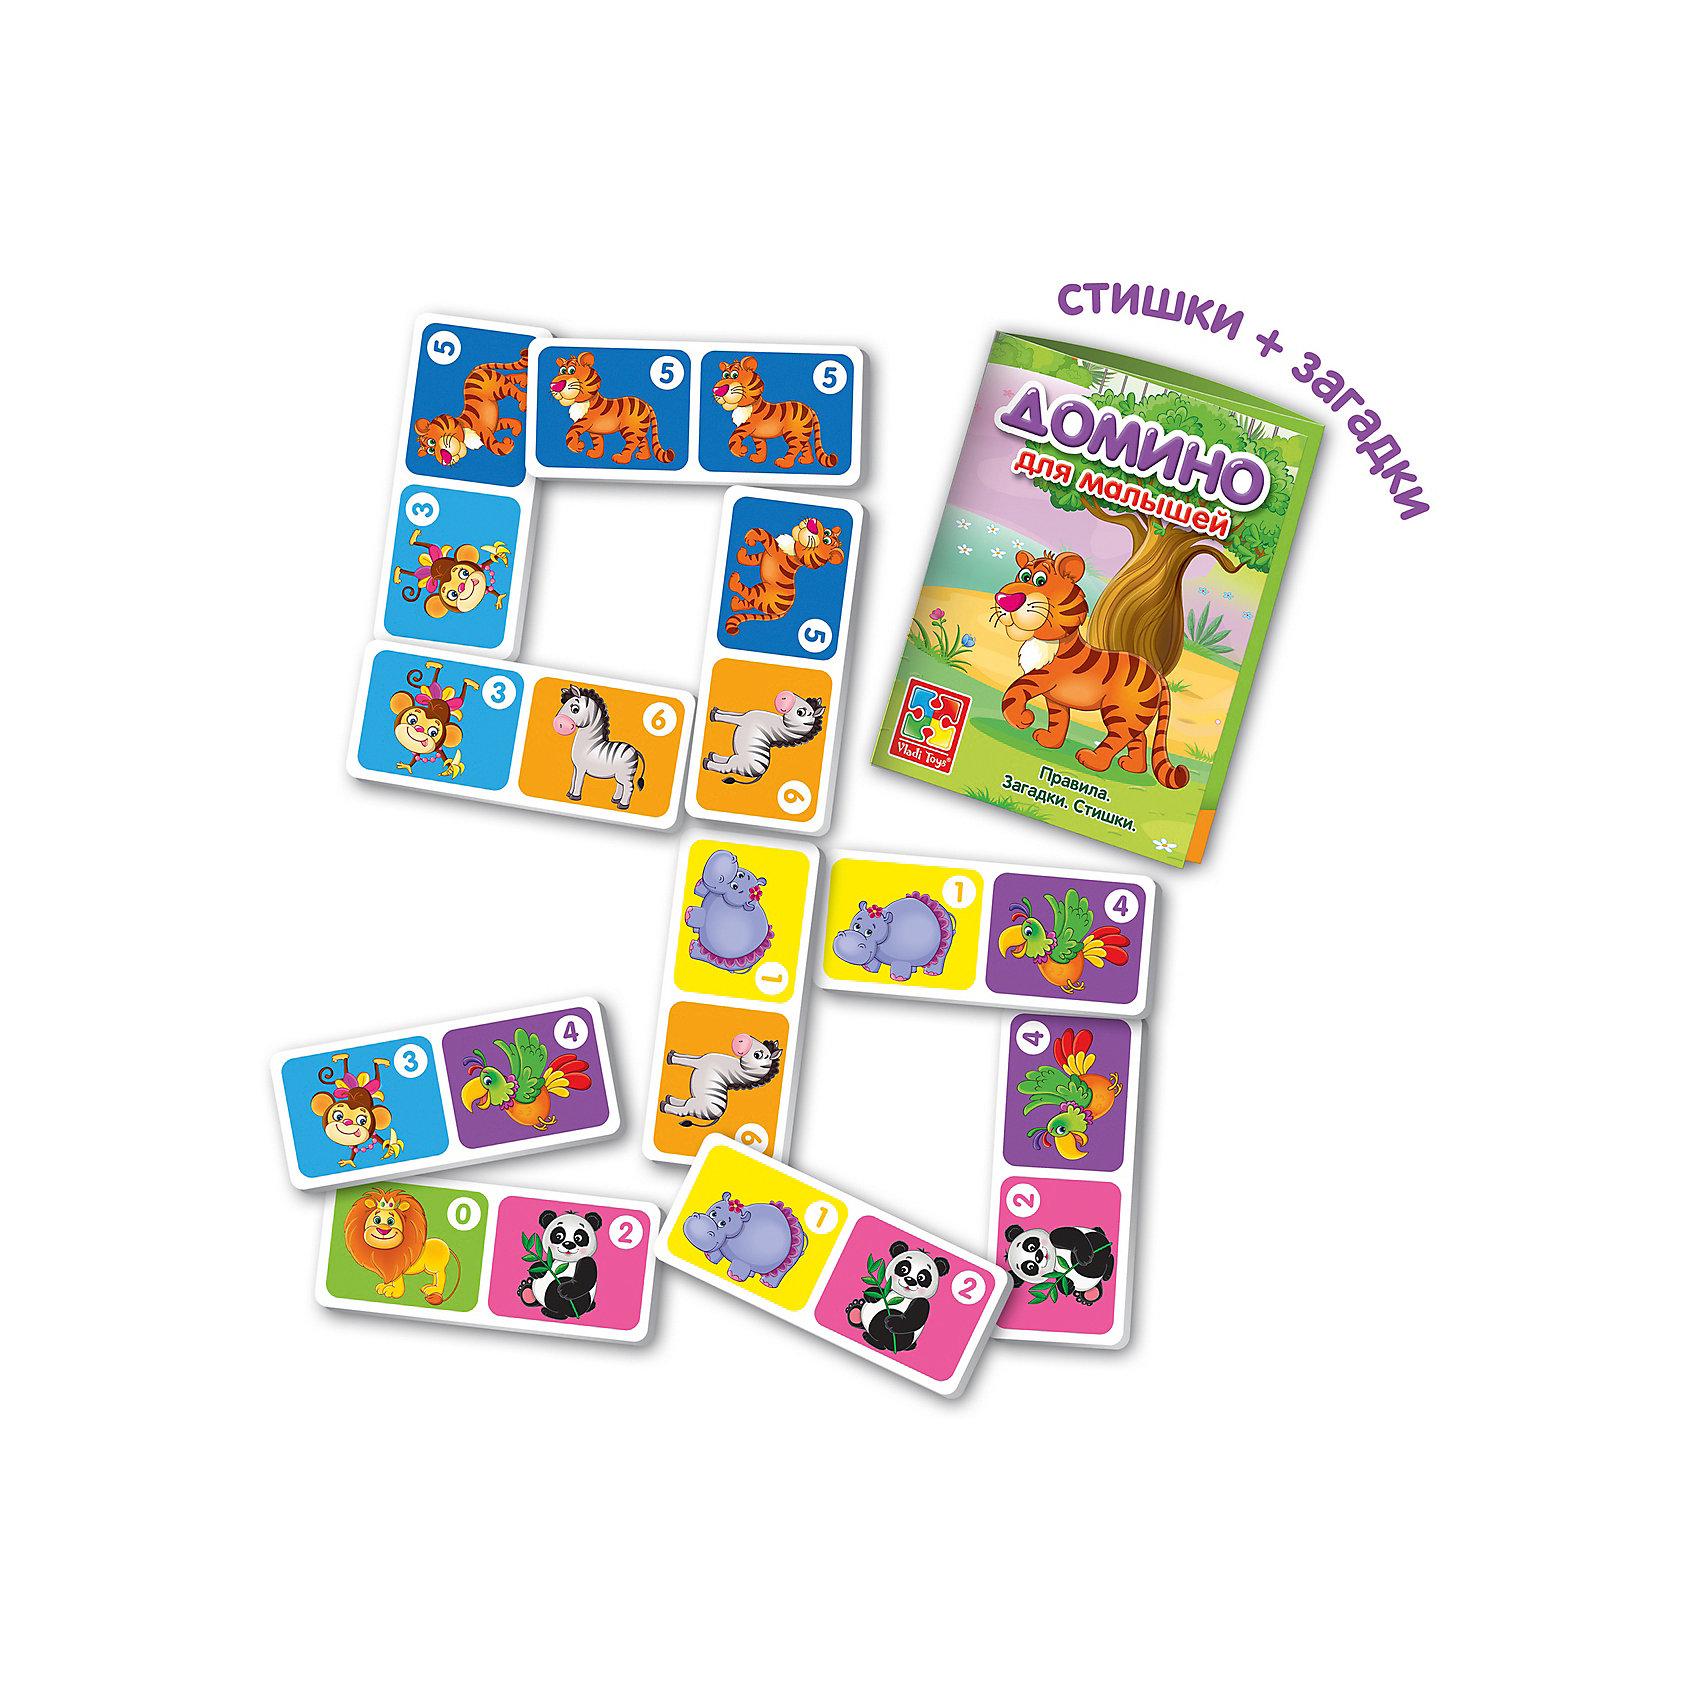 Настольная игра Зоопарк Домино , Vladi ToysДомино<br>Характеристики:<br><br>• Вид игр: обучающие, развивающие<br>• Серия: настольные игры<br>• Количество игроков: до 4-х человек<br>• Пол: универсальный<br>• Материал: картон<br>• Цвет: зеленый, оранжевый и др.<br>• Комплектация: 28 элементов домино, инструкция с правилами игры<br>• Размеры упаковки (Д*Ш*В): 18*5*20,5 см<br>• Тип упаковки: картонная коробка<br>• Вес в упаковке: 253 г<br><br>Настольная игра Зоопарк Домино, Vladi Toys, производителем которых является компания, специализирующаяся на выпуске развивающих игр, давно уже стали популярными среди аналогичной продукции. Развивающие настольные игры являются эффективным способом развития и обучения ребенка. При производстве настольных игр от Vladi Toys используются только экологически безопасные материалы, которые не вызывают аллергии и не имеют запаха. Набор состоит из фишек-домино с изображением животных зоопарка. Все игровые элементы набора отличаются яркостью красок и наглядностью. <br>Настольная игра Зоопарк Домино, Vladi Toys позволит организовать веселый и полезный досуг вашего ребенка, научит внимательности и логическому мышлению, а также будет способствовать развитию памяти.<br><br>Настольную игру Зоопарк Домино, Vladi Toys можно купить в нашем интернет-магазине.<br><br>Ширина мм: 180<br>Глубина мм: 50<br>Высота мм: 205<br>Вес г: 253<br>Возраст от месяцев: 24<br>Возраст до месяцев: 84<br>Пол: Унисекс<br>Возраст: Детский<br>SKU: 5136131